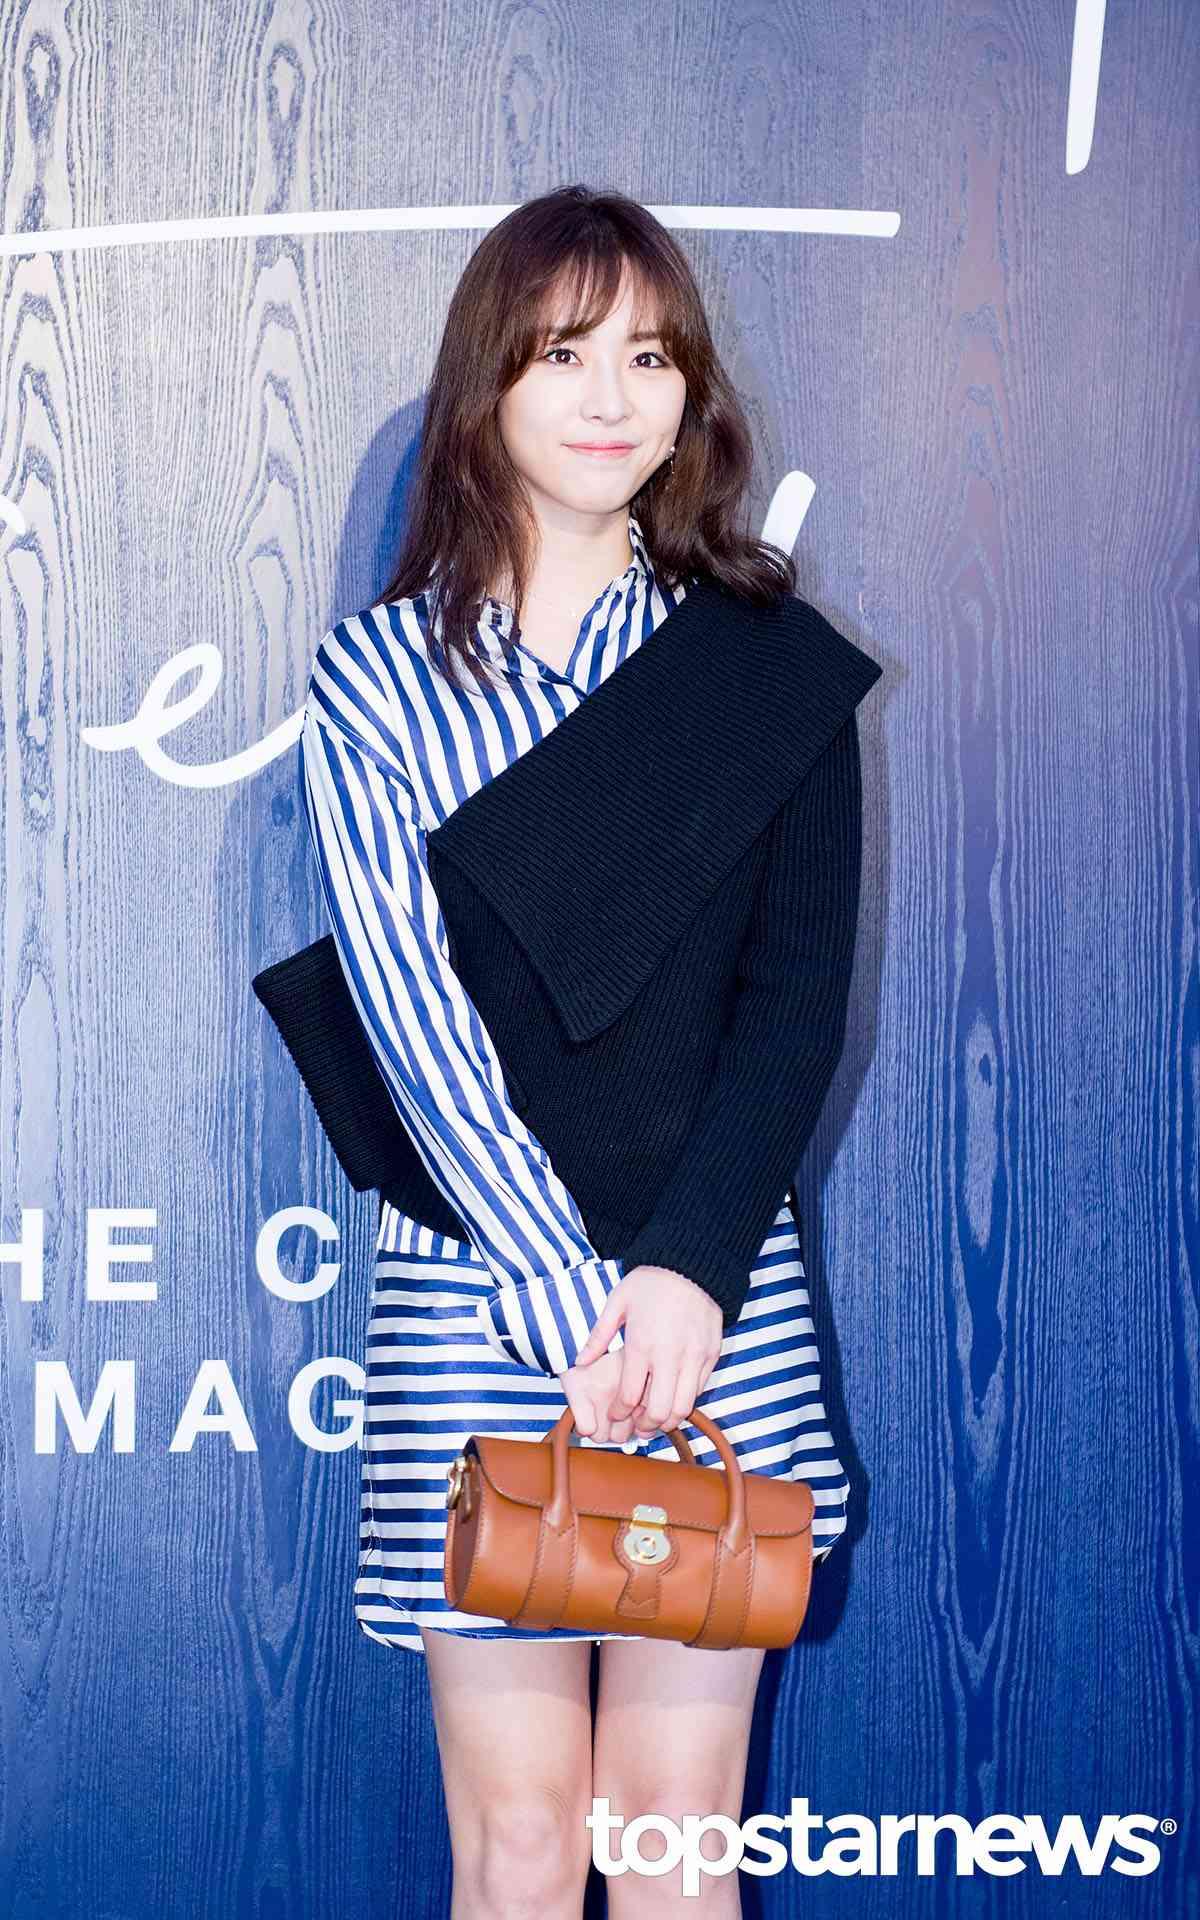 尹素素 李沇熹飾 在熱愛法國且在法國留學的她,為了學費和生活費決定開始當起導遊,在法國帶韓國旅行團出遊。